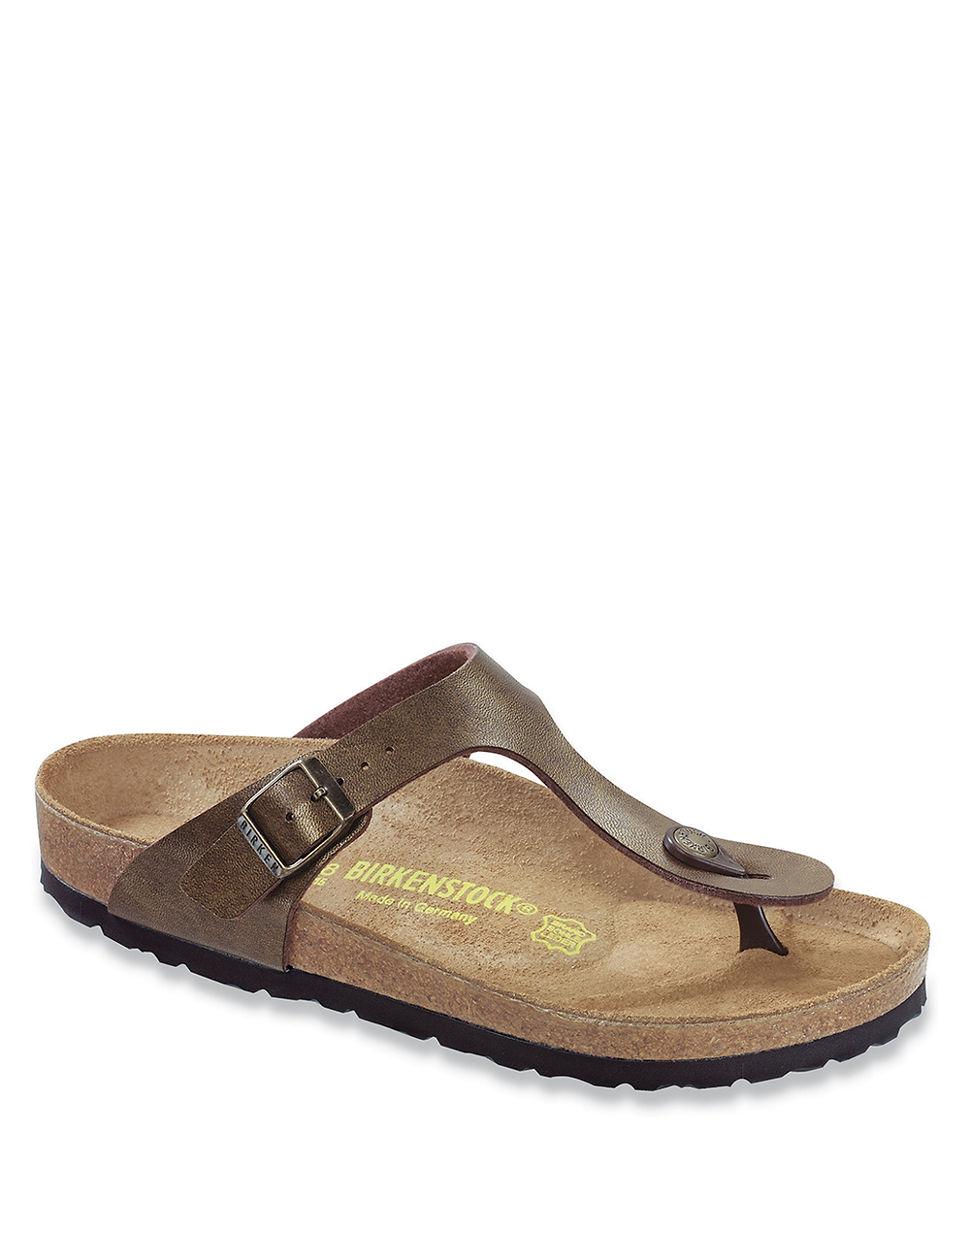 birkenstock gizeh birko flor t strap sandals in brown lyst. Black Bedroom Furniture Sets. Home Design Ideas